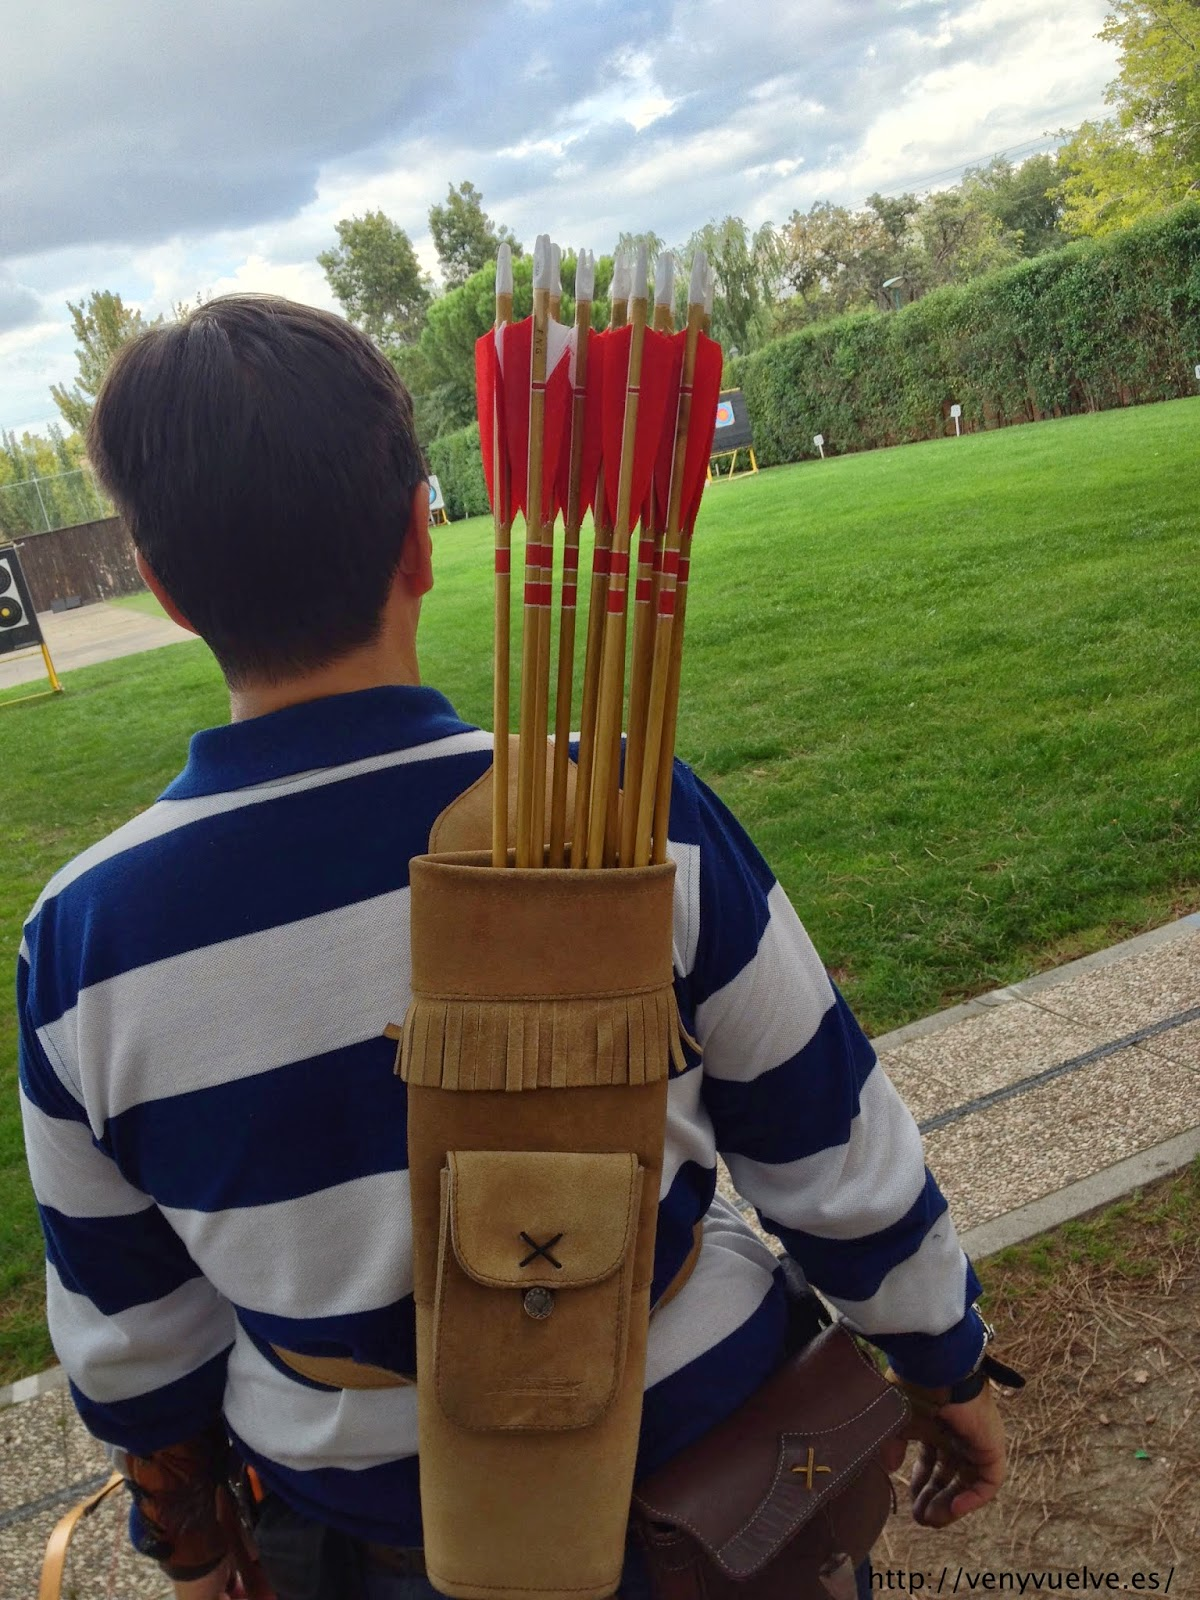 cómo se hacen las flechas de madera para el tiro con arco tradicional